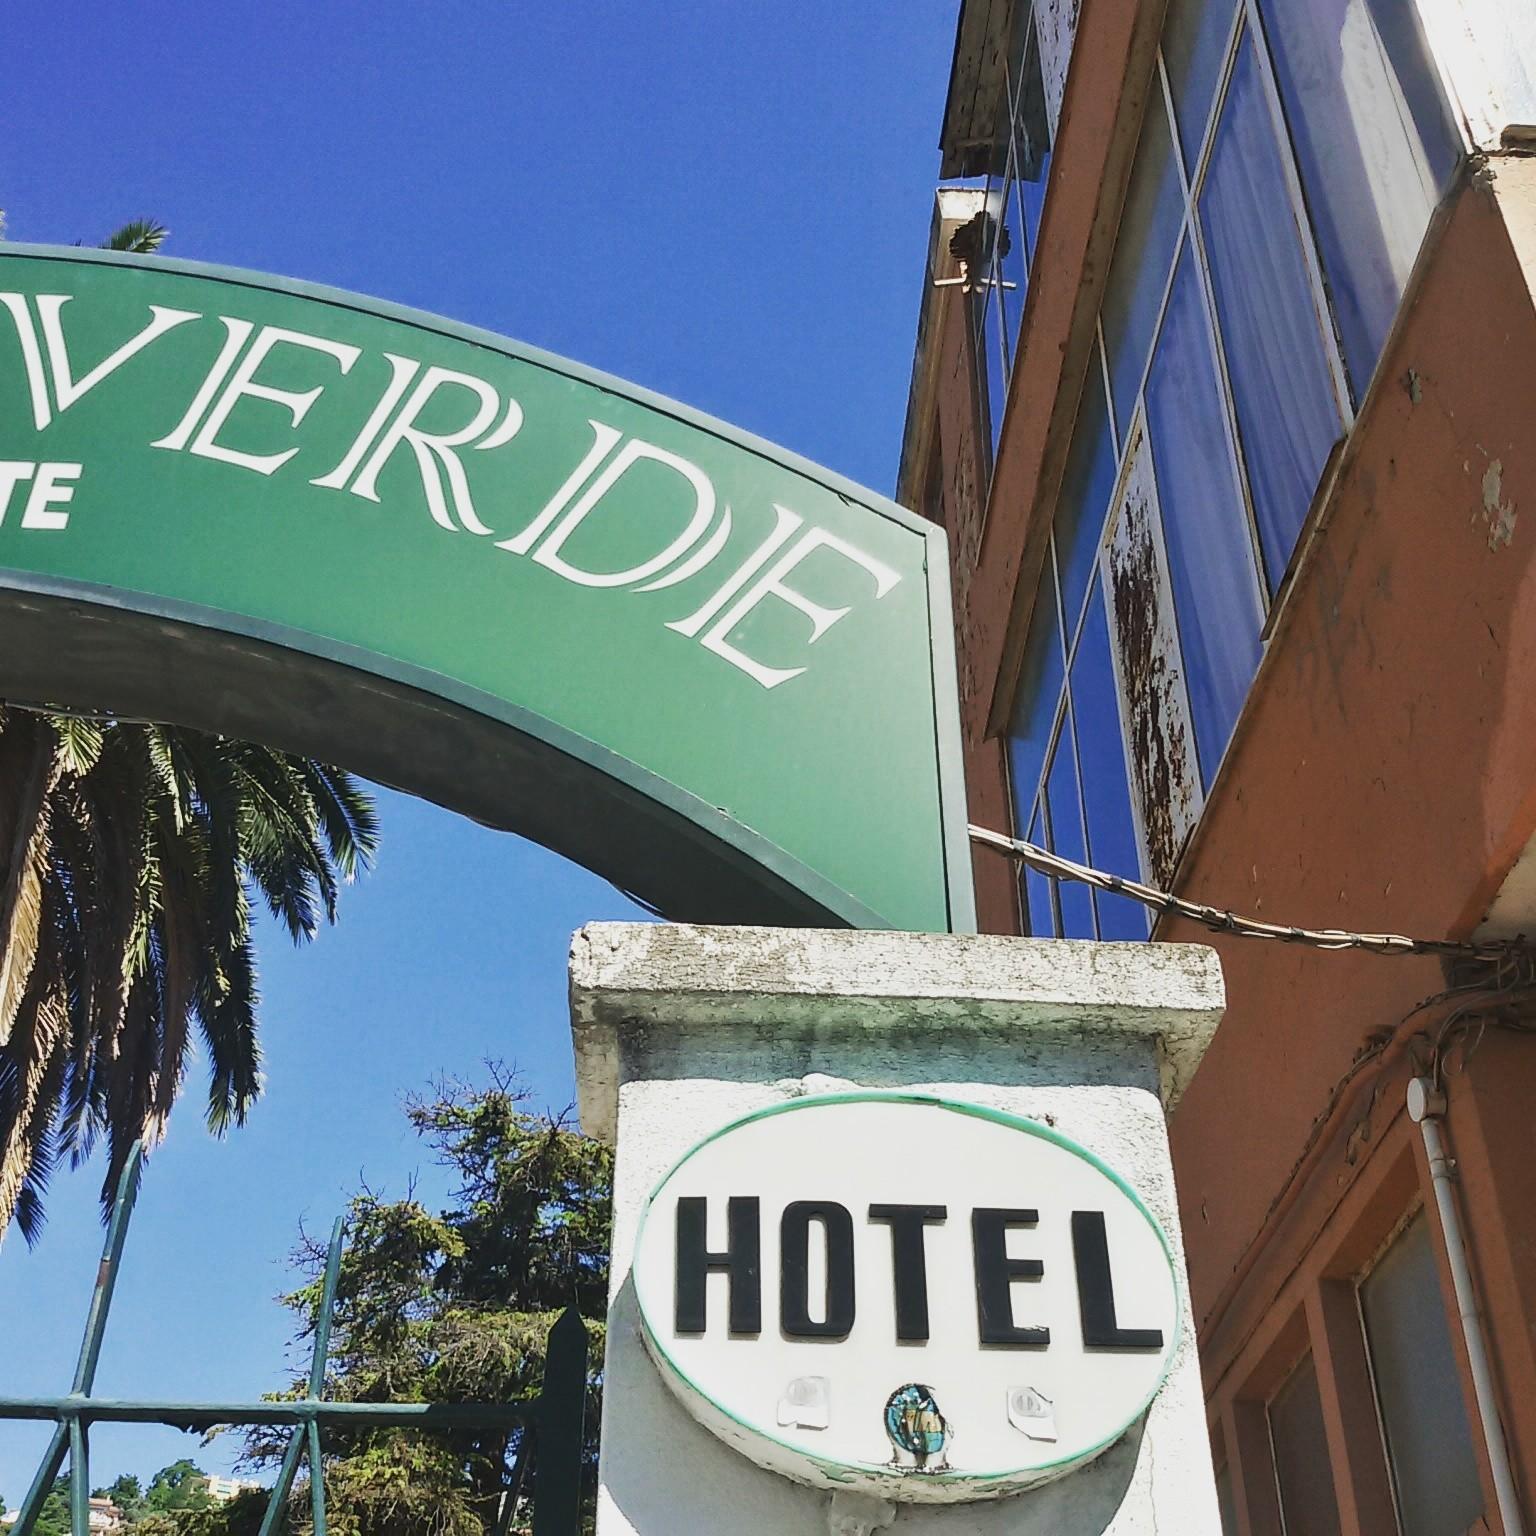 L'hotel una stella Villa Verde ad Albissola